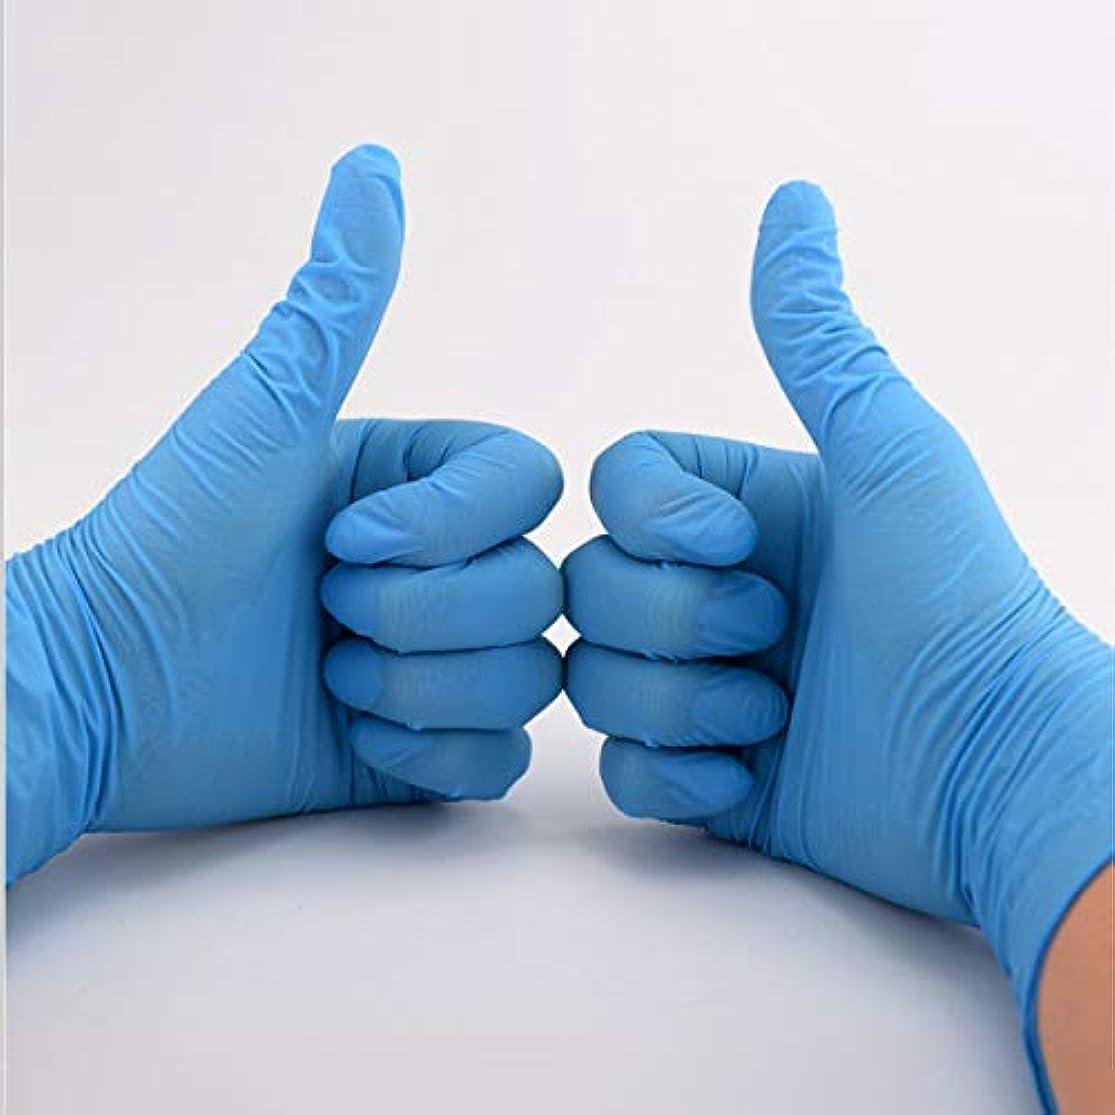 メディア複製する条約ビニール手袋 使い捨て手袋 グローブ ニトリルグローブ ゴム手袋 粉なし 男女兼用 作業 介護 調理 炊事 園芸 掃除用,Blue50,M